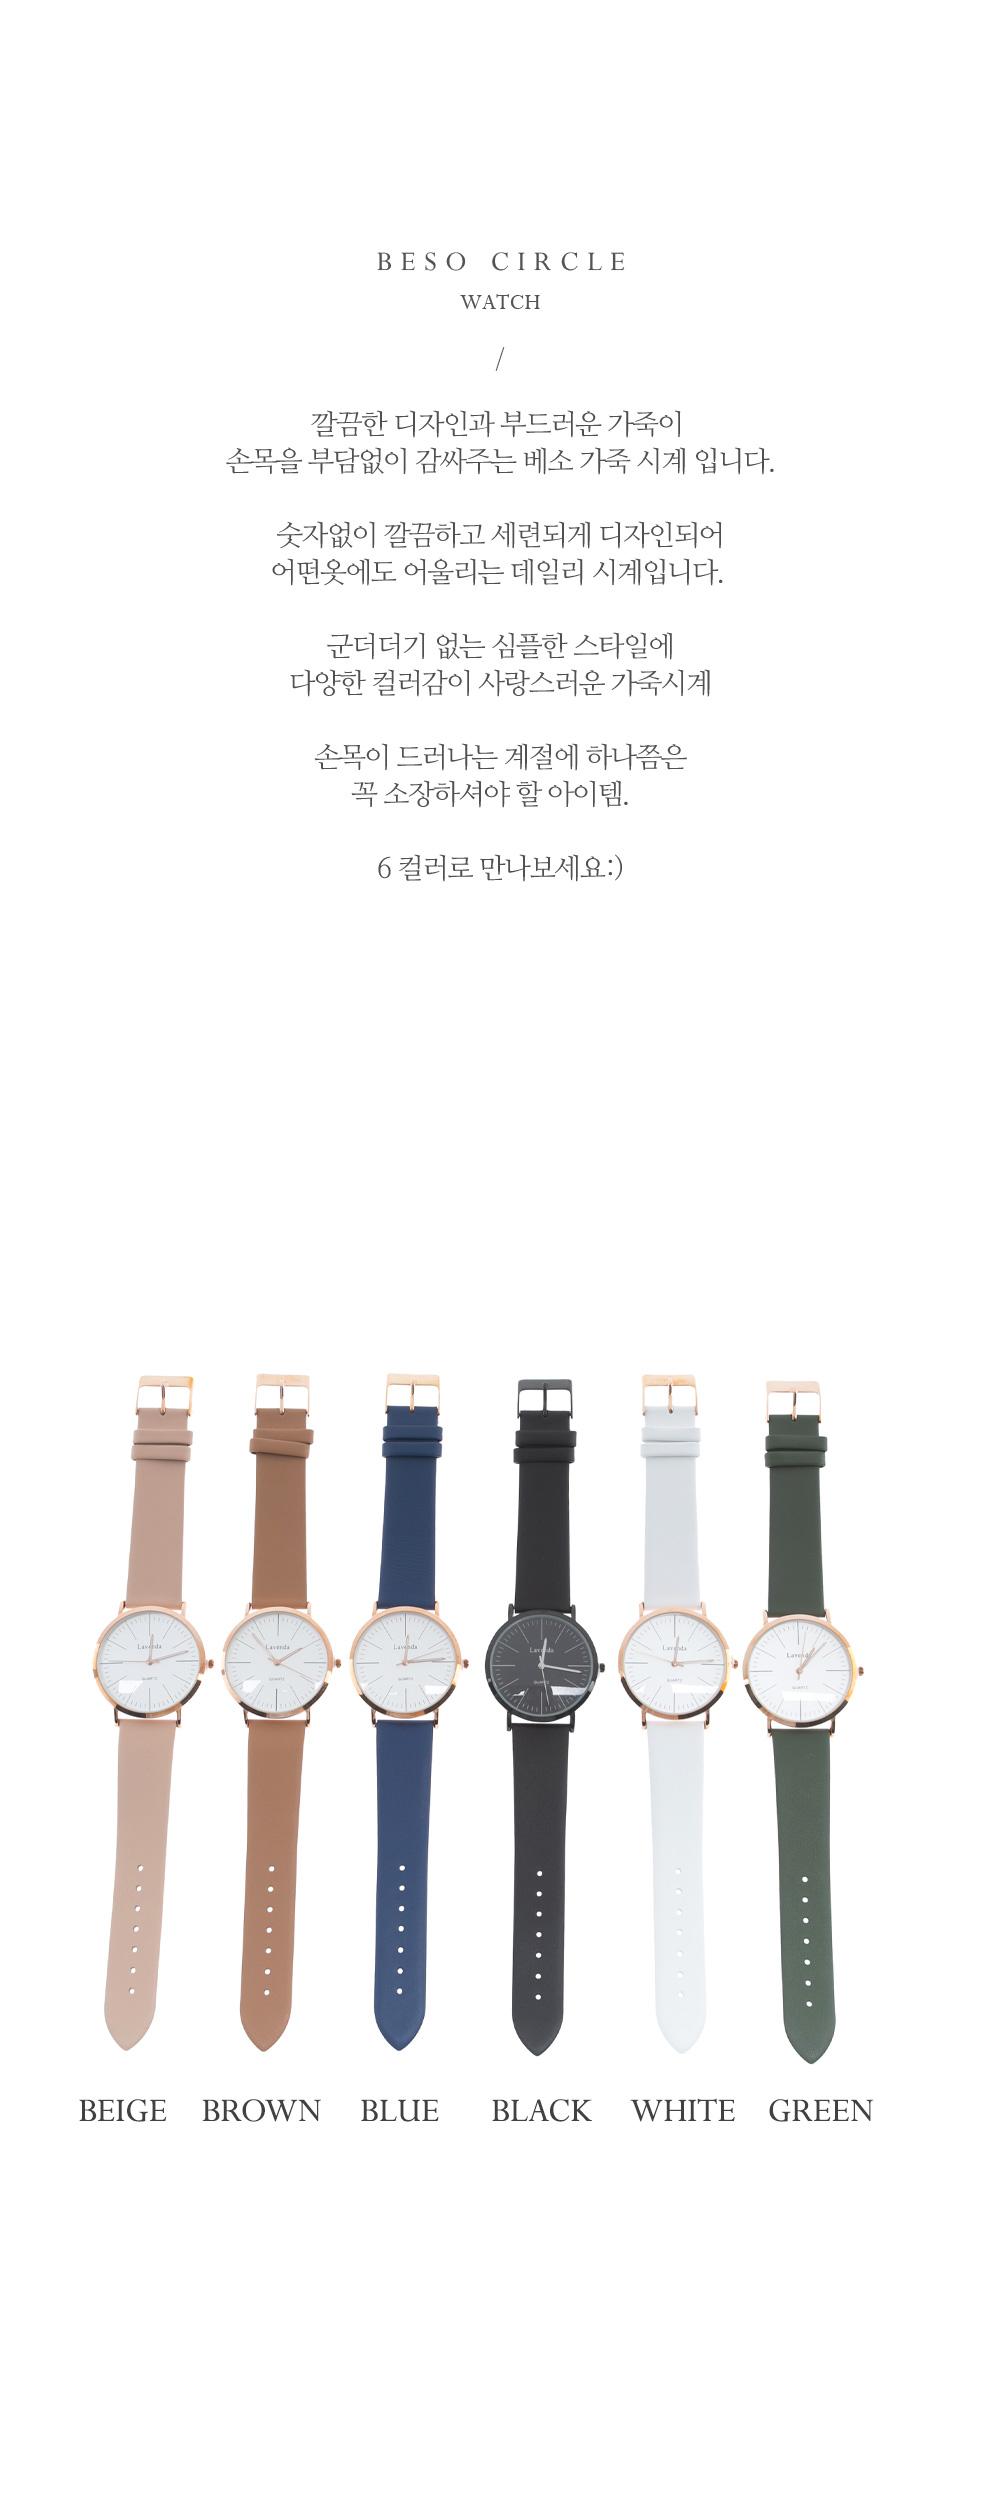 베소 써클 가죽 시계 - 폭스타일, 32,000원, 여성시계, 가죽시계